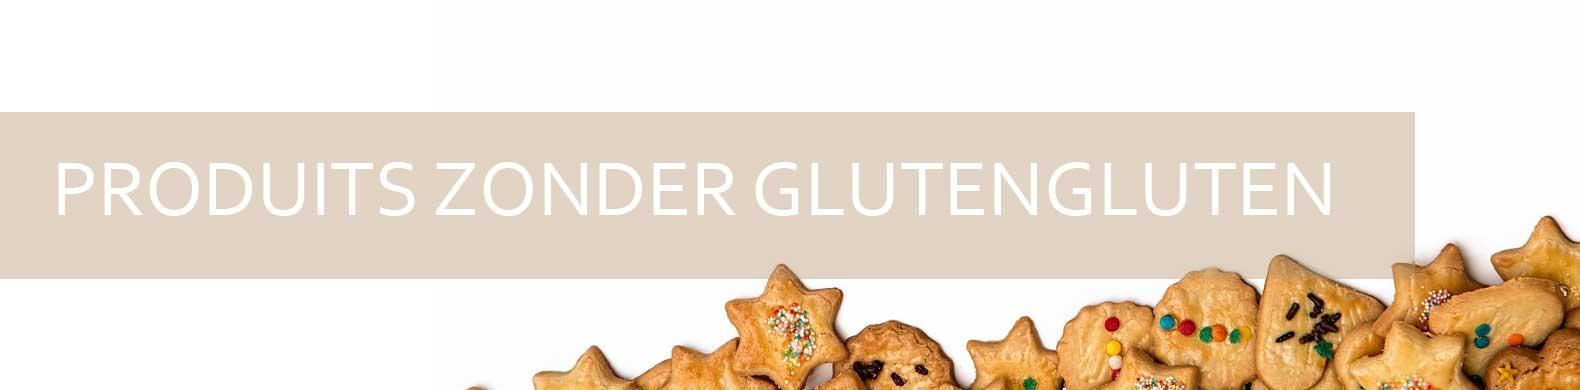 banner glutenvrije producten look poten met hart- en stervormen.